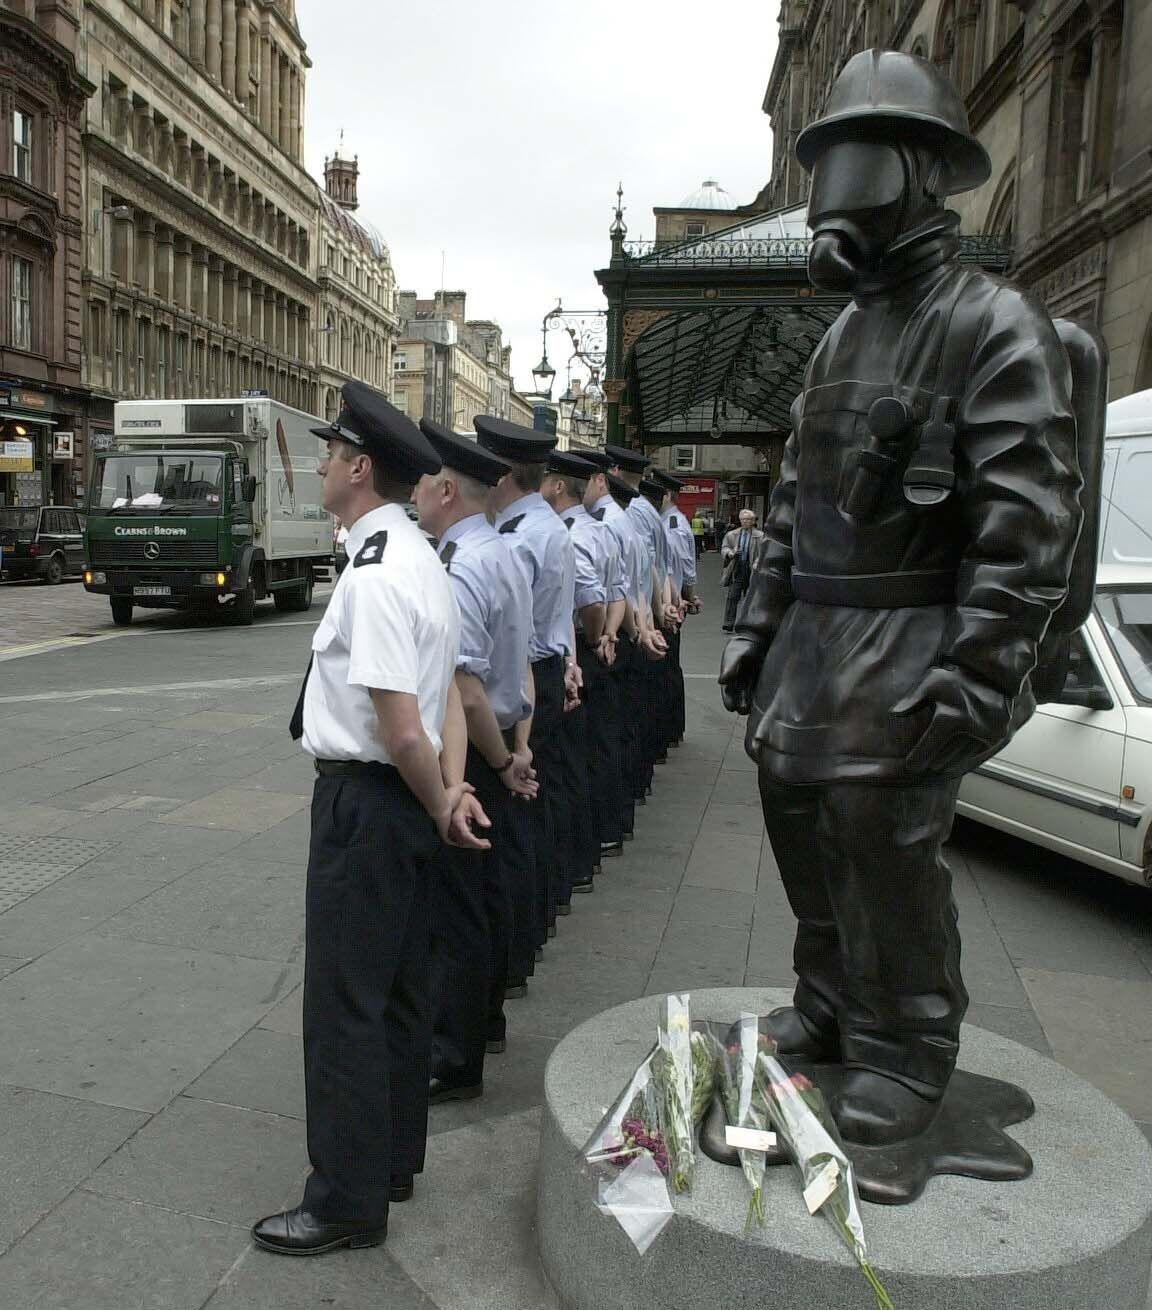 KENNY HUNTER  Citizen Firefighter  2001, bronze. Installation view: Glasgow, Scotland